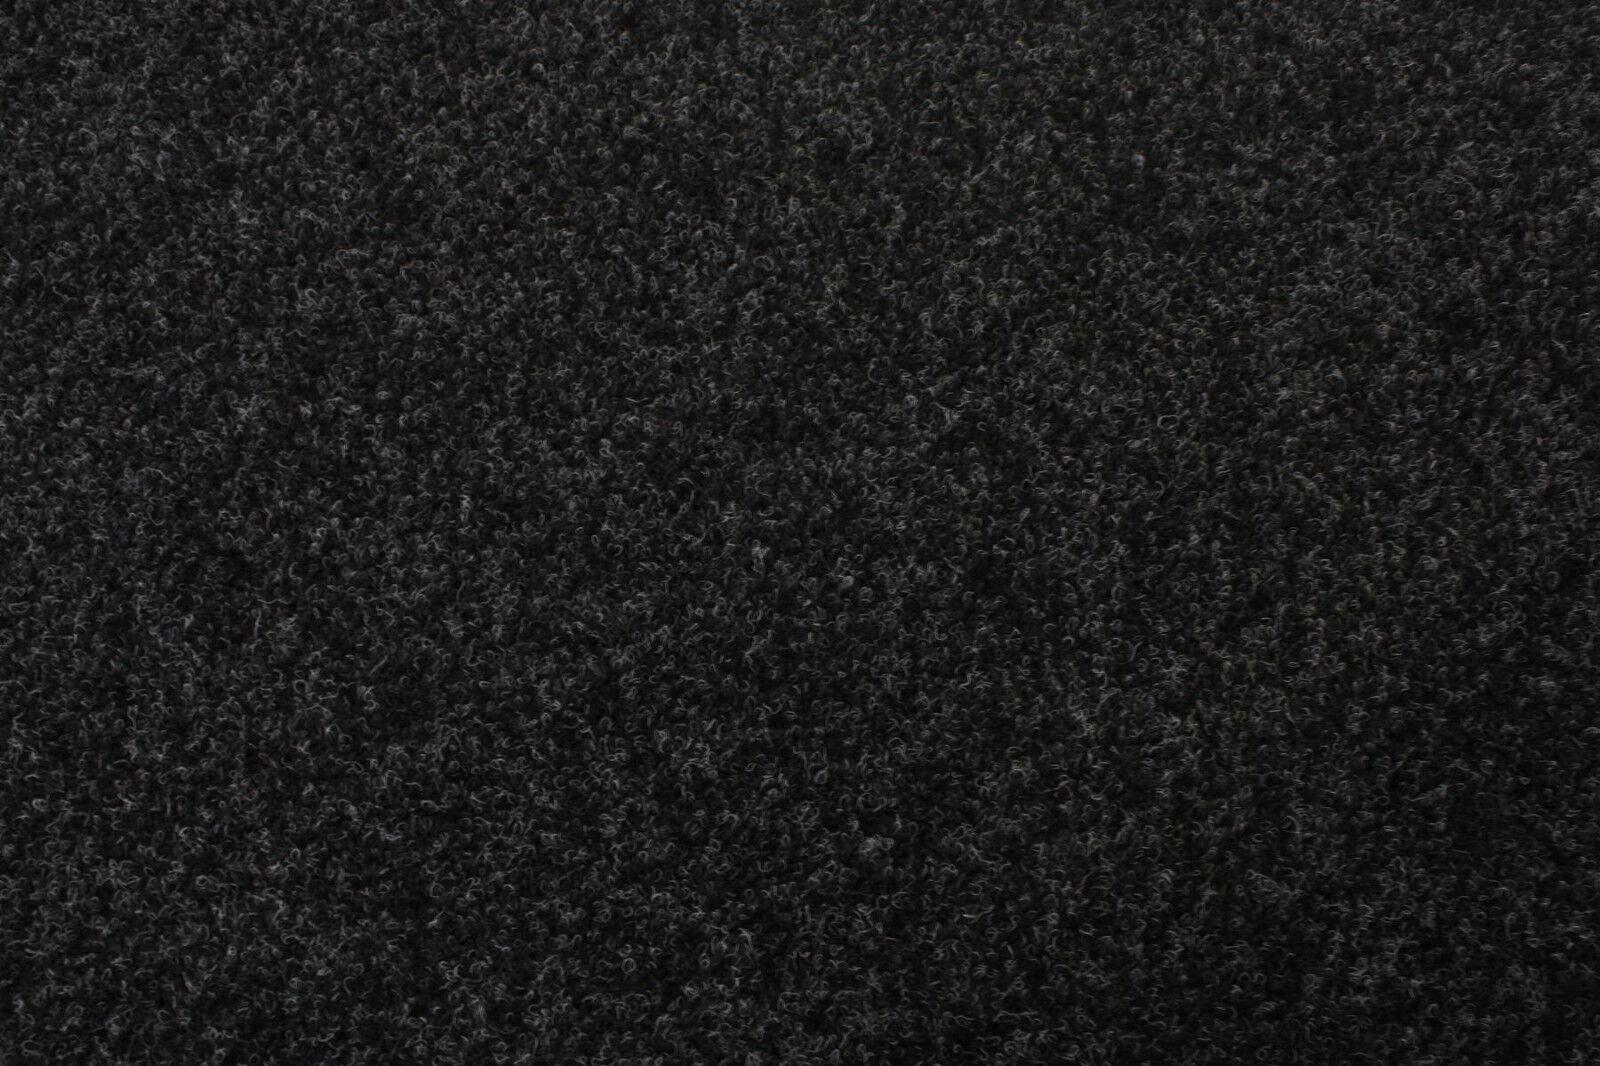 Pelouse Pelouse Pelouse Tapis Art Pelouse Premium Noir Gris 400x450 cm 13799e